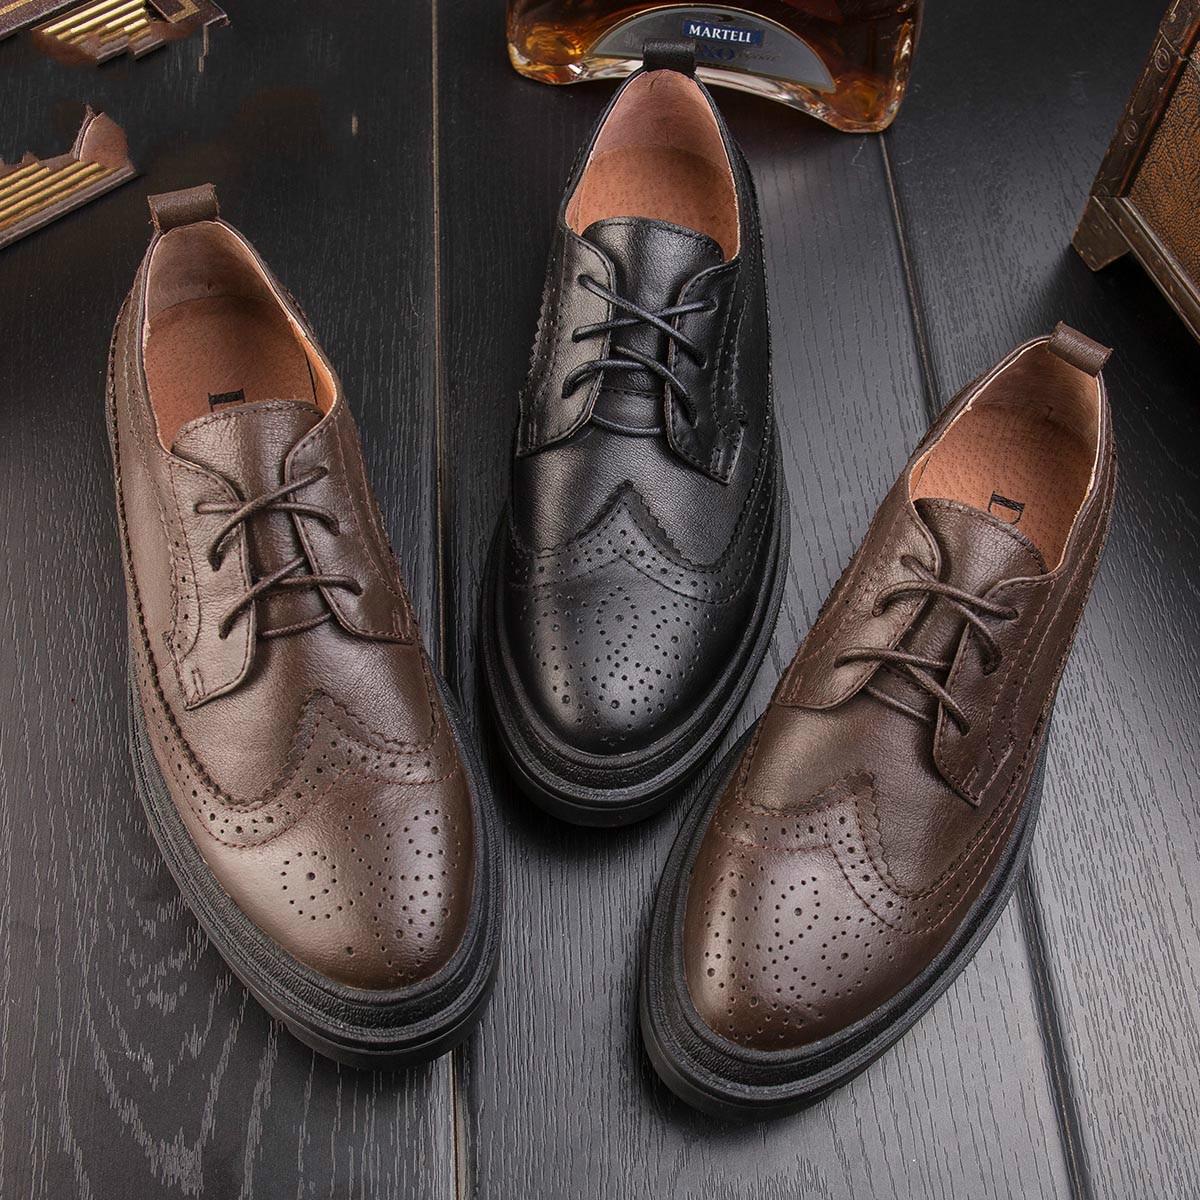 Gruesa Brock Casuales Inglaterra Retro Zapatos Derby Cuero De Hombres marrón Los Nueva Negro Tallado Otoño xn1gfxwv